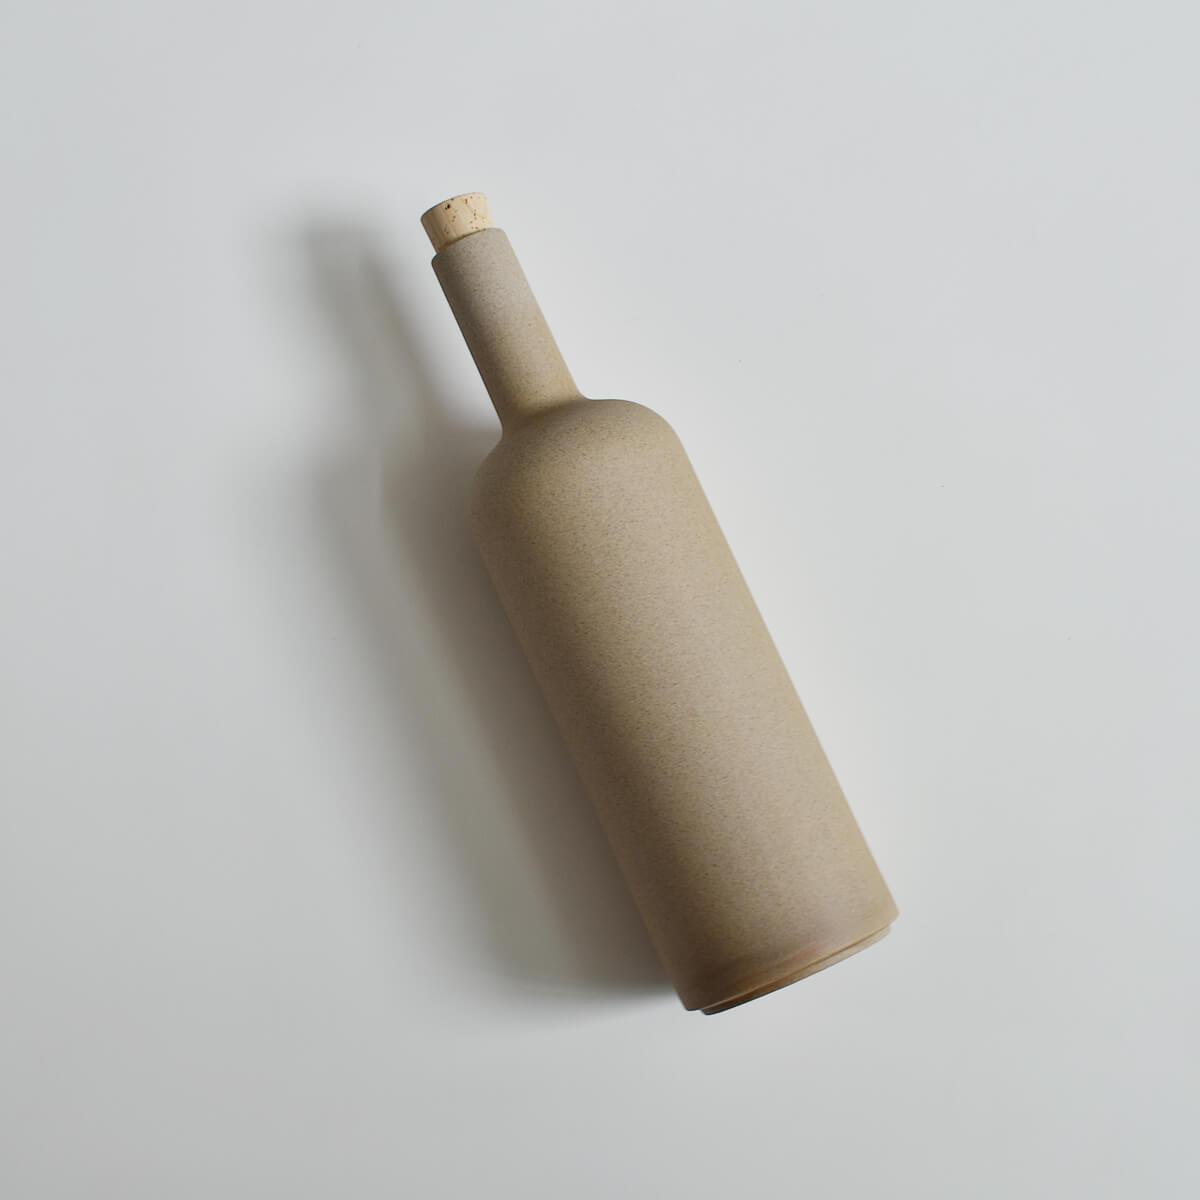 ハサミポーセリン ボトル